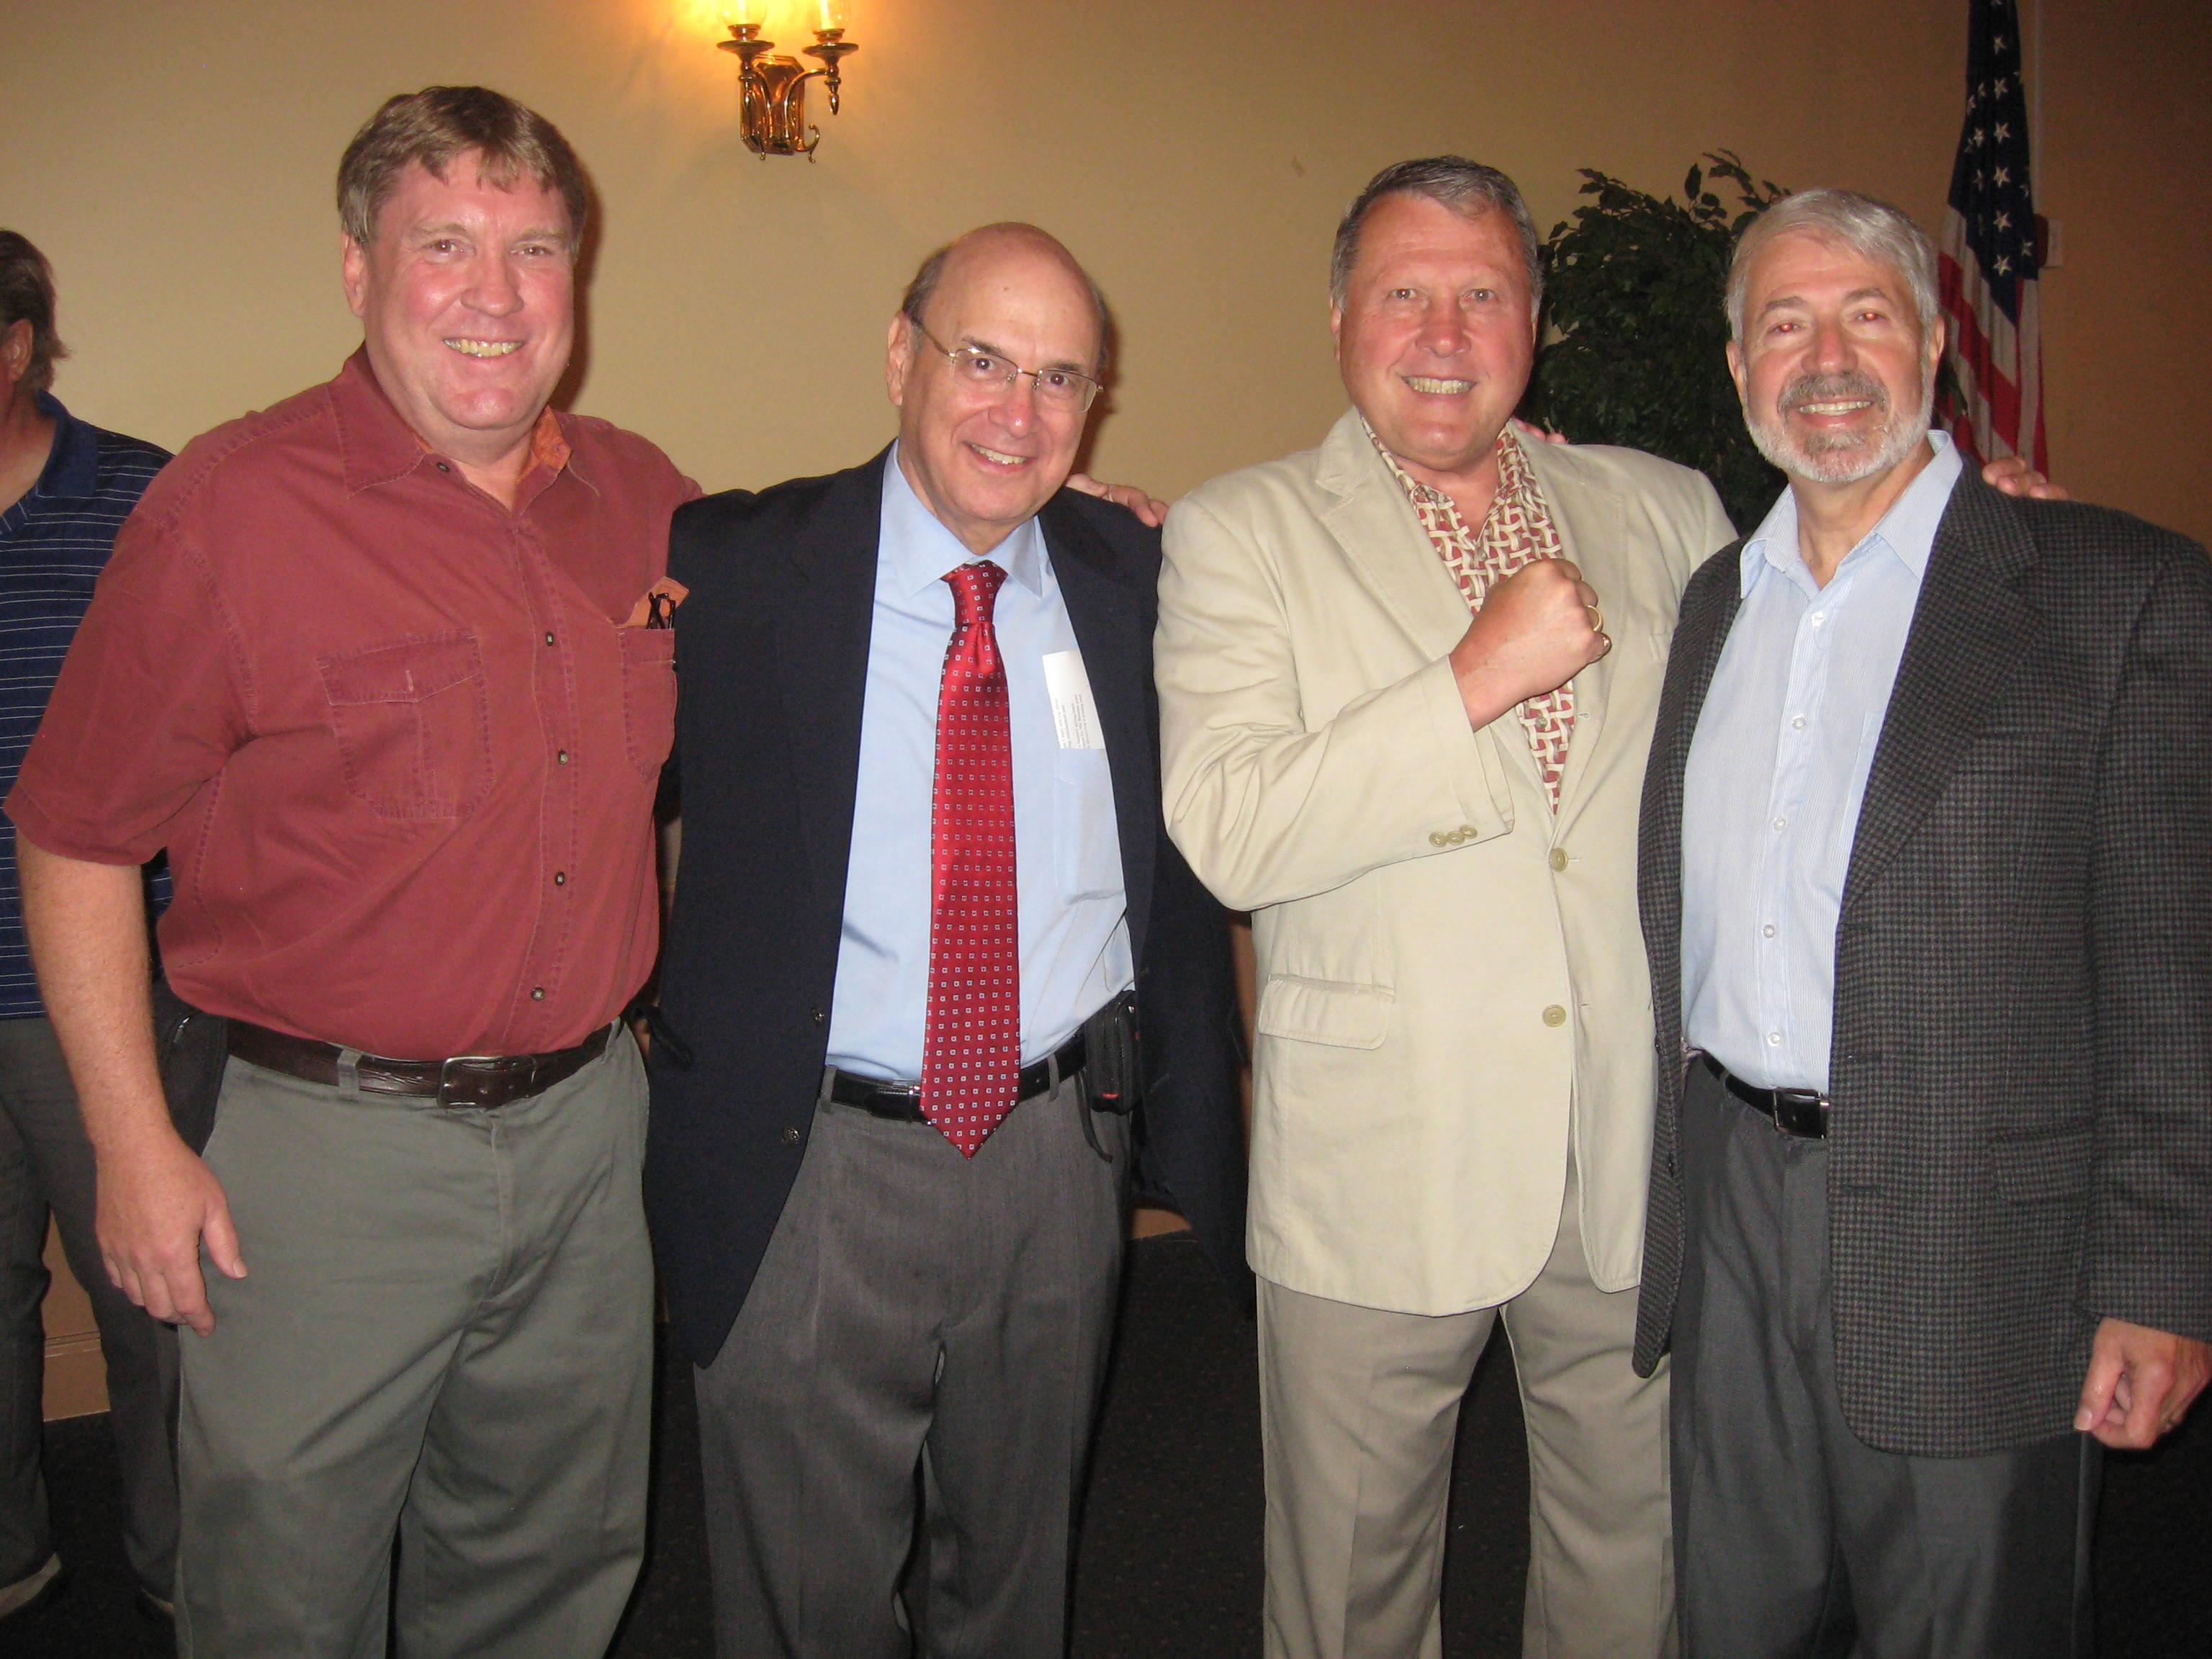 Ring 4 HOF Banquet 2010